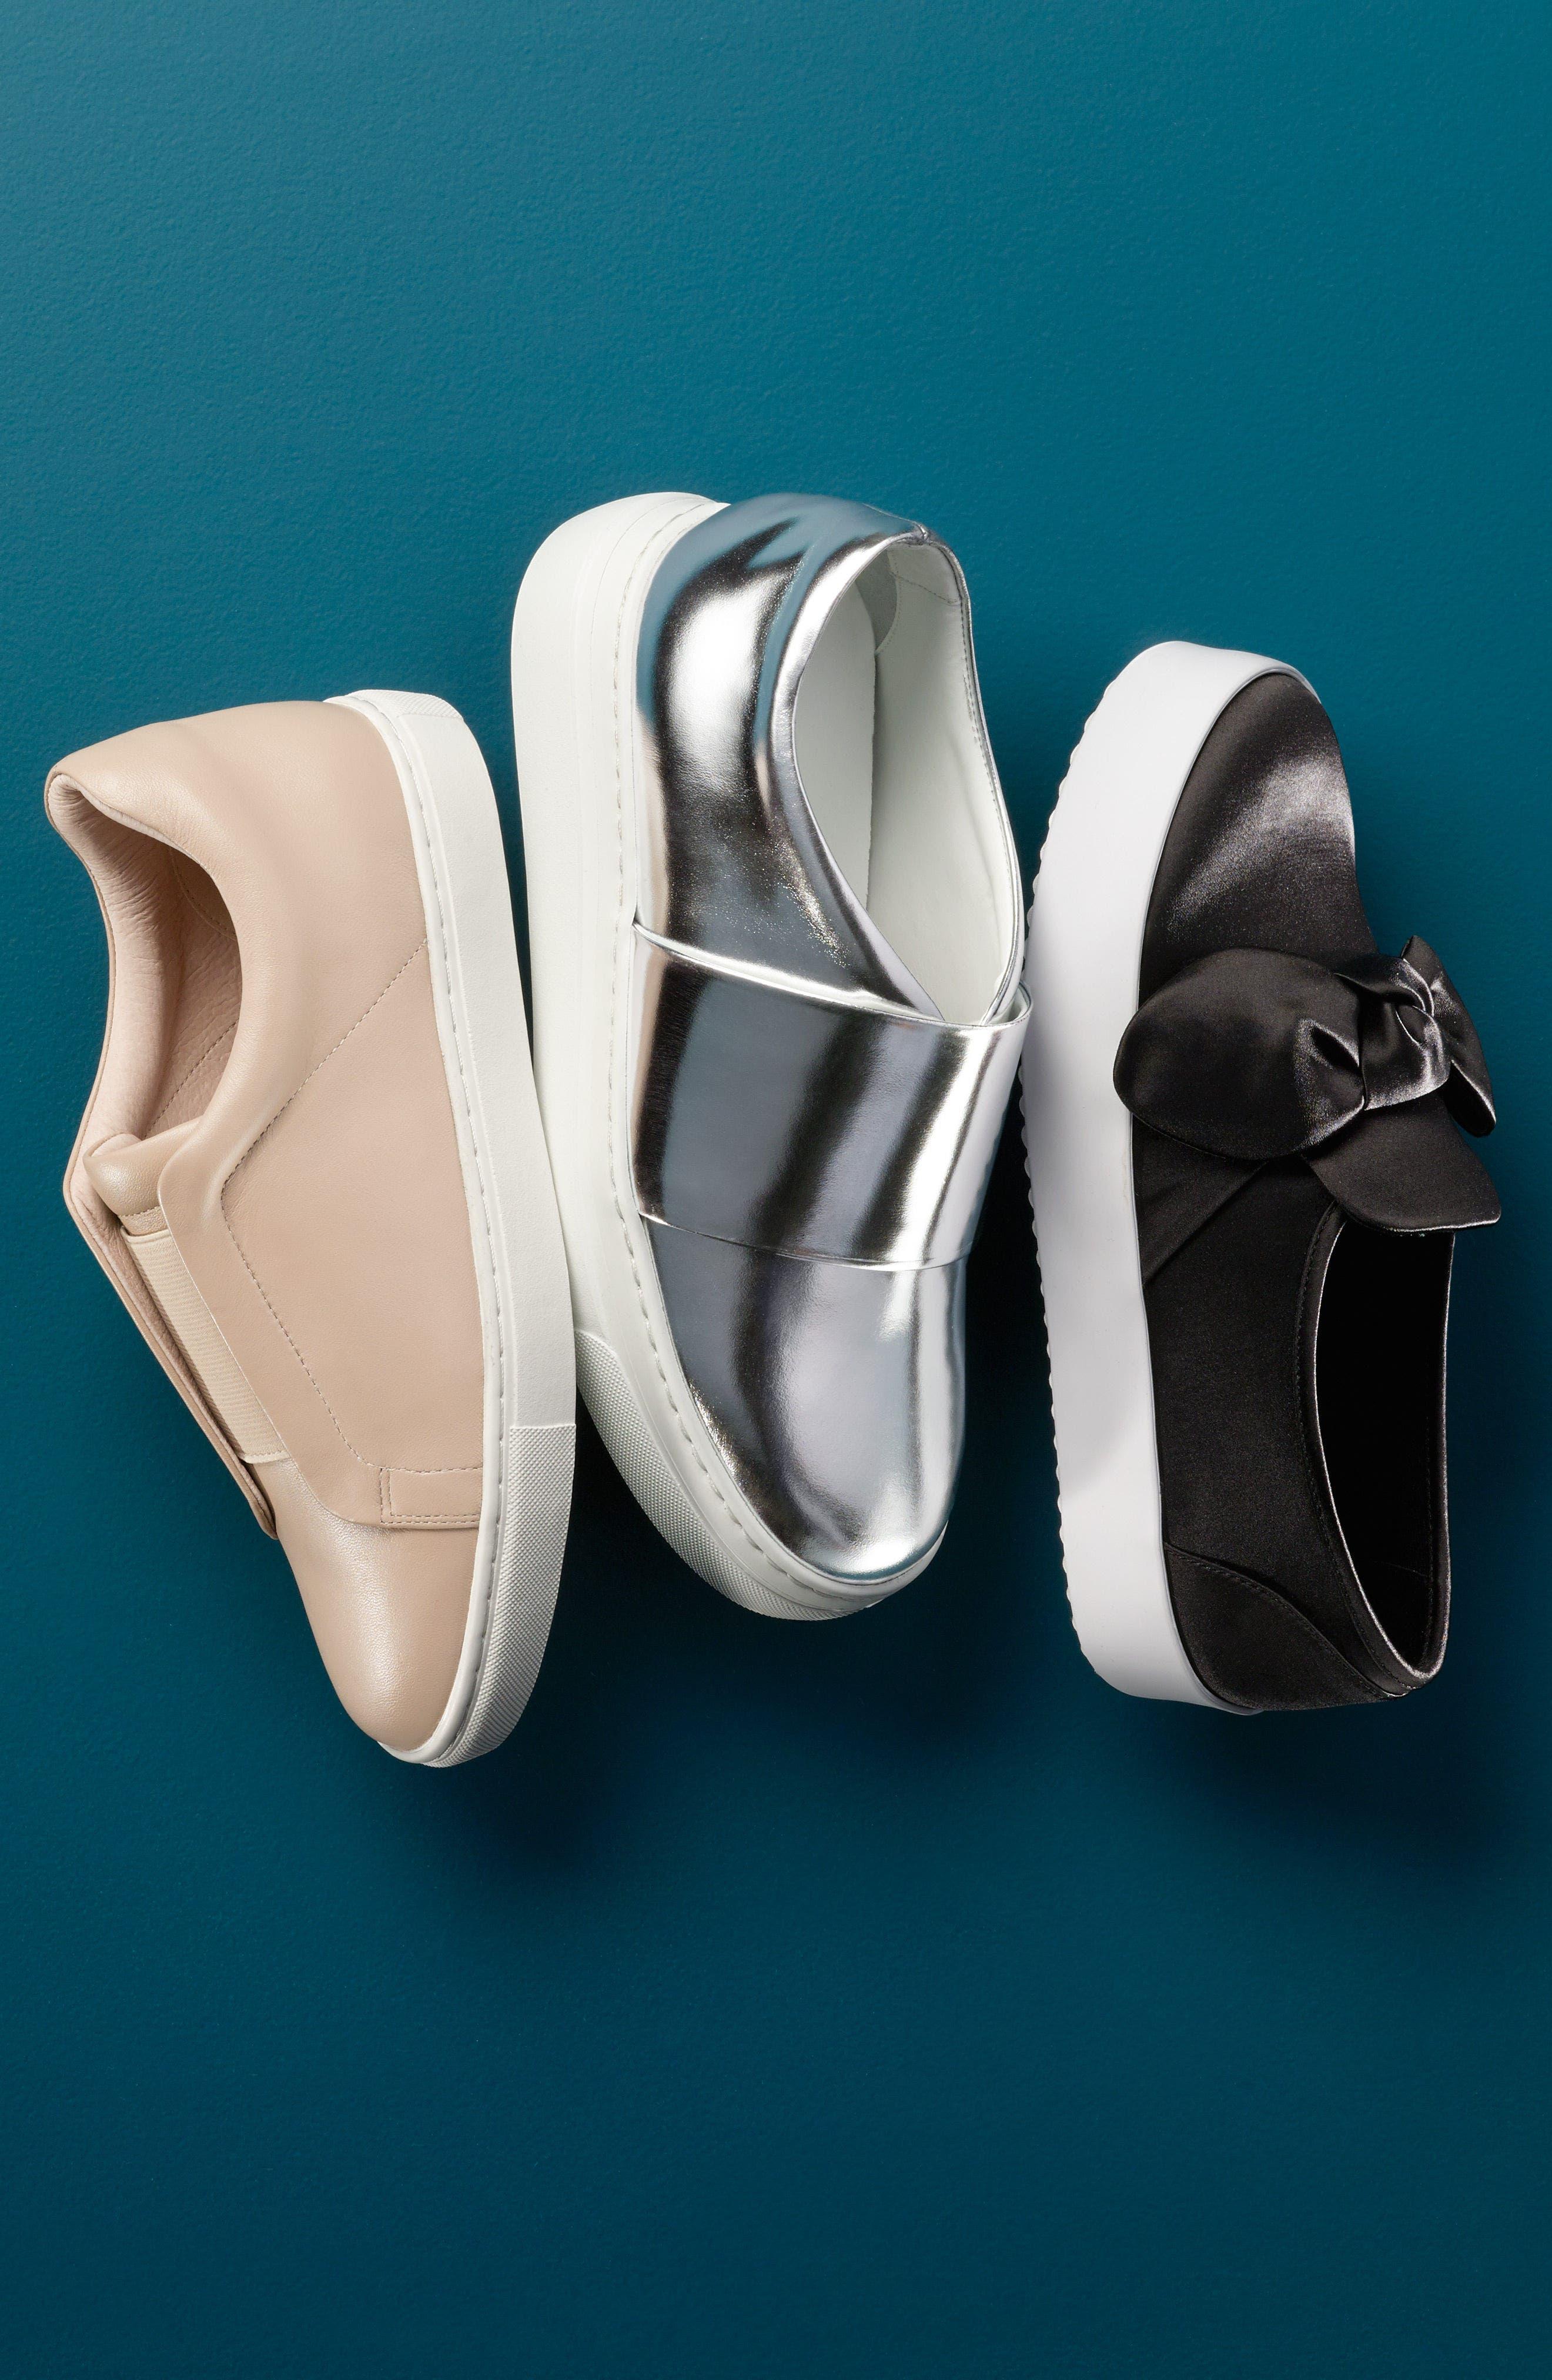 Arlo Slip-On Platform Sneaker,                             Alternate thumbnail 7, color,